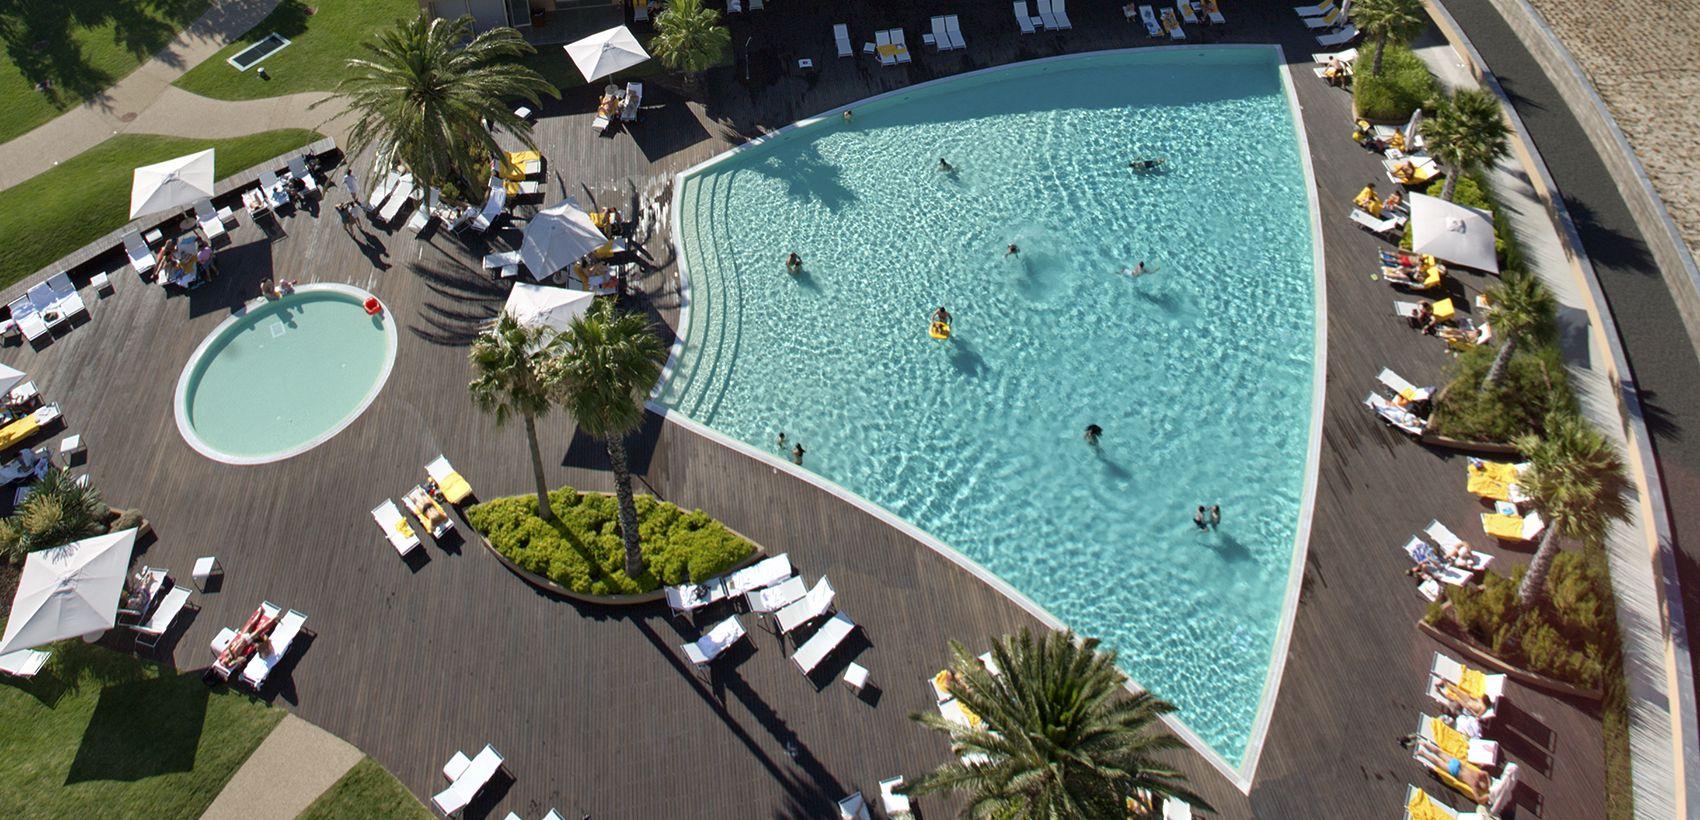 Viagens na Minha Terra: Tróia Resort - Aqualuz Tróia Mar&Rio